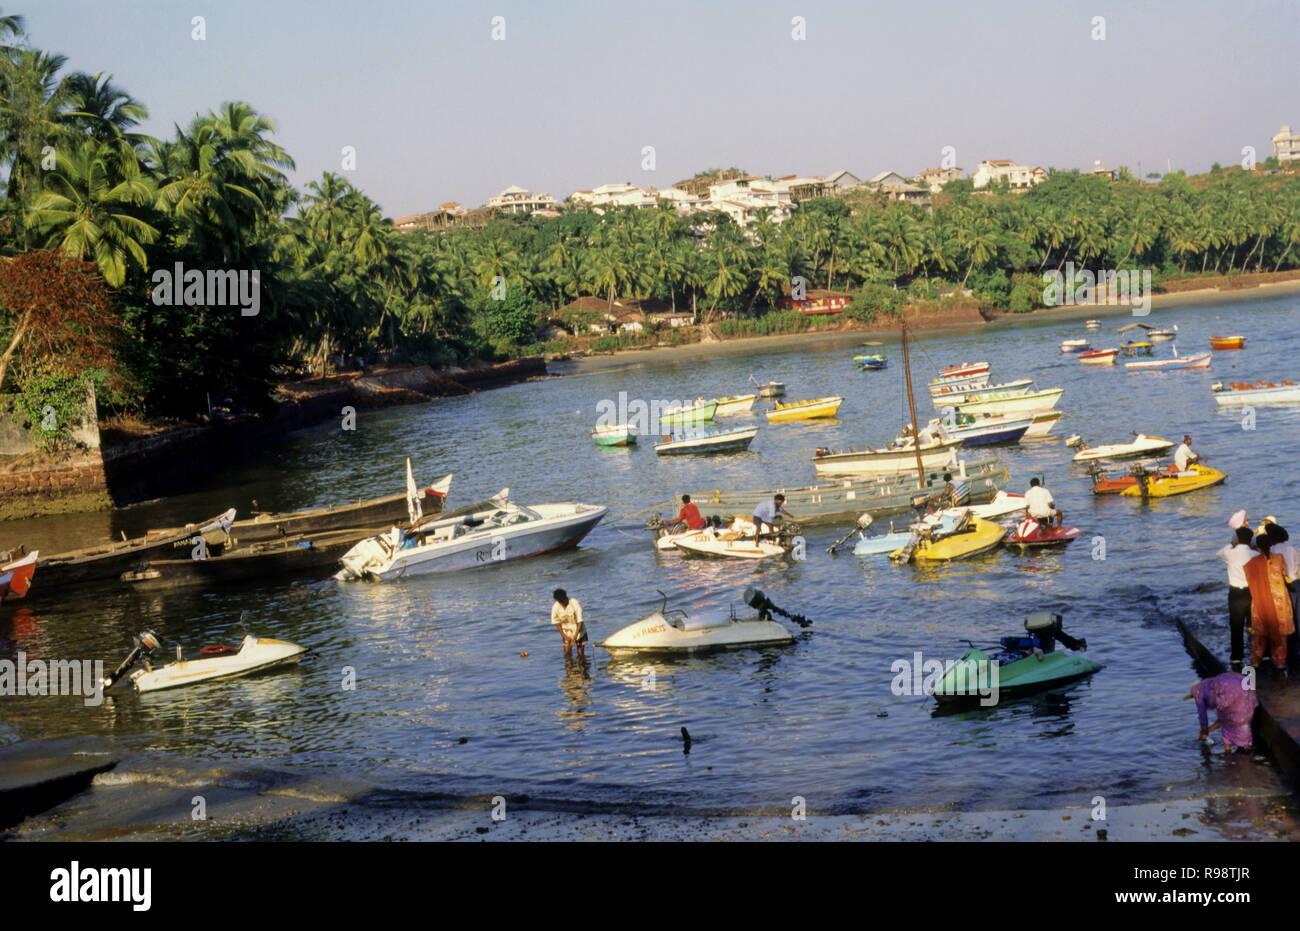 Deportes acuáticos en Doña Paula, Goa, India Imagen De Stock